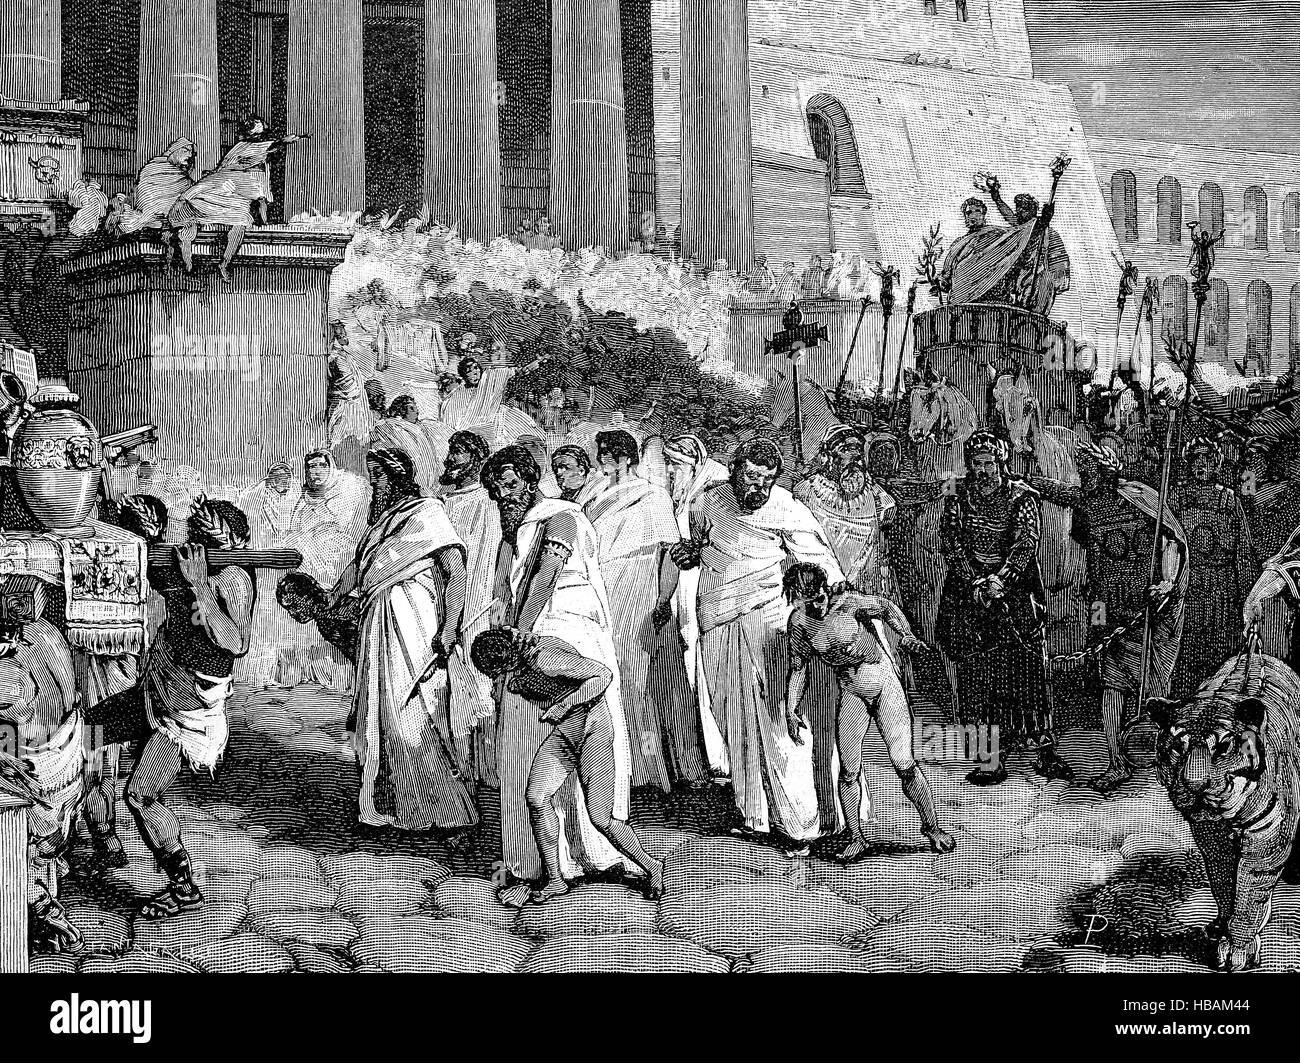 La mythologie grecque, le roi Persée et ses fils dans le cortège triomphal de Aemilius Paullus, hictorical Photo Stock